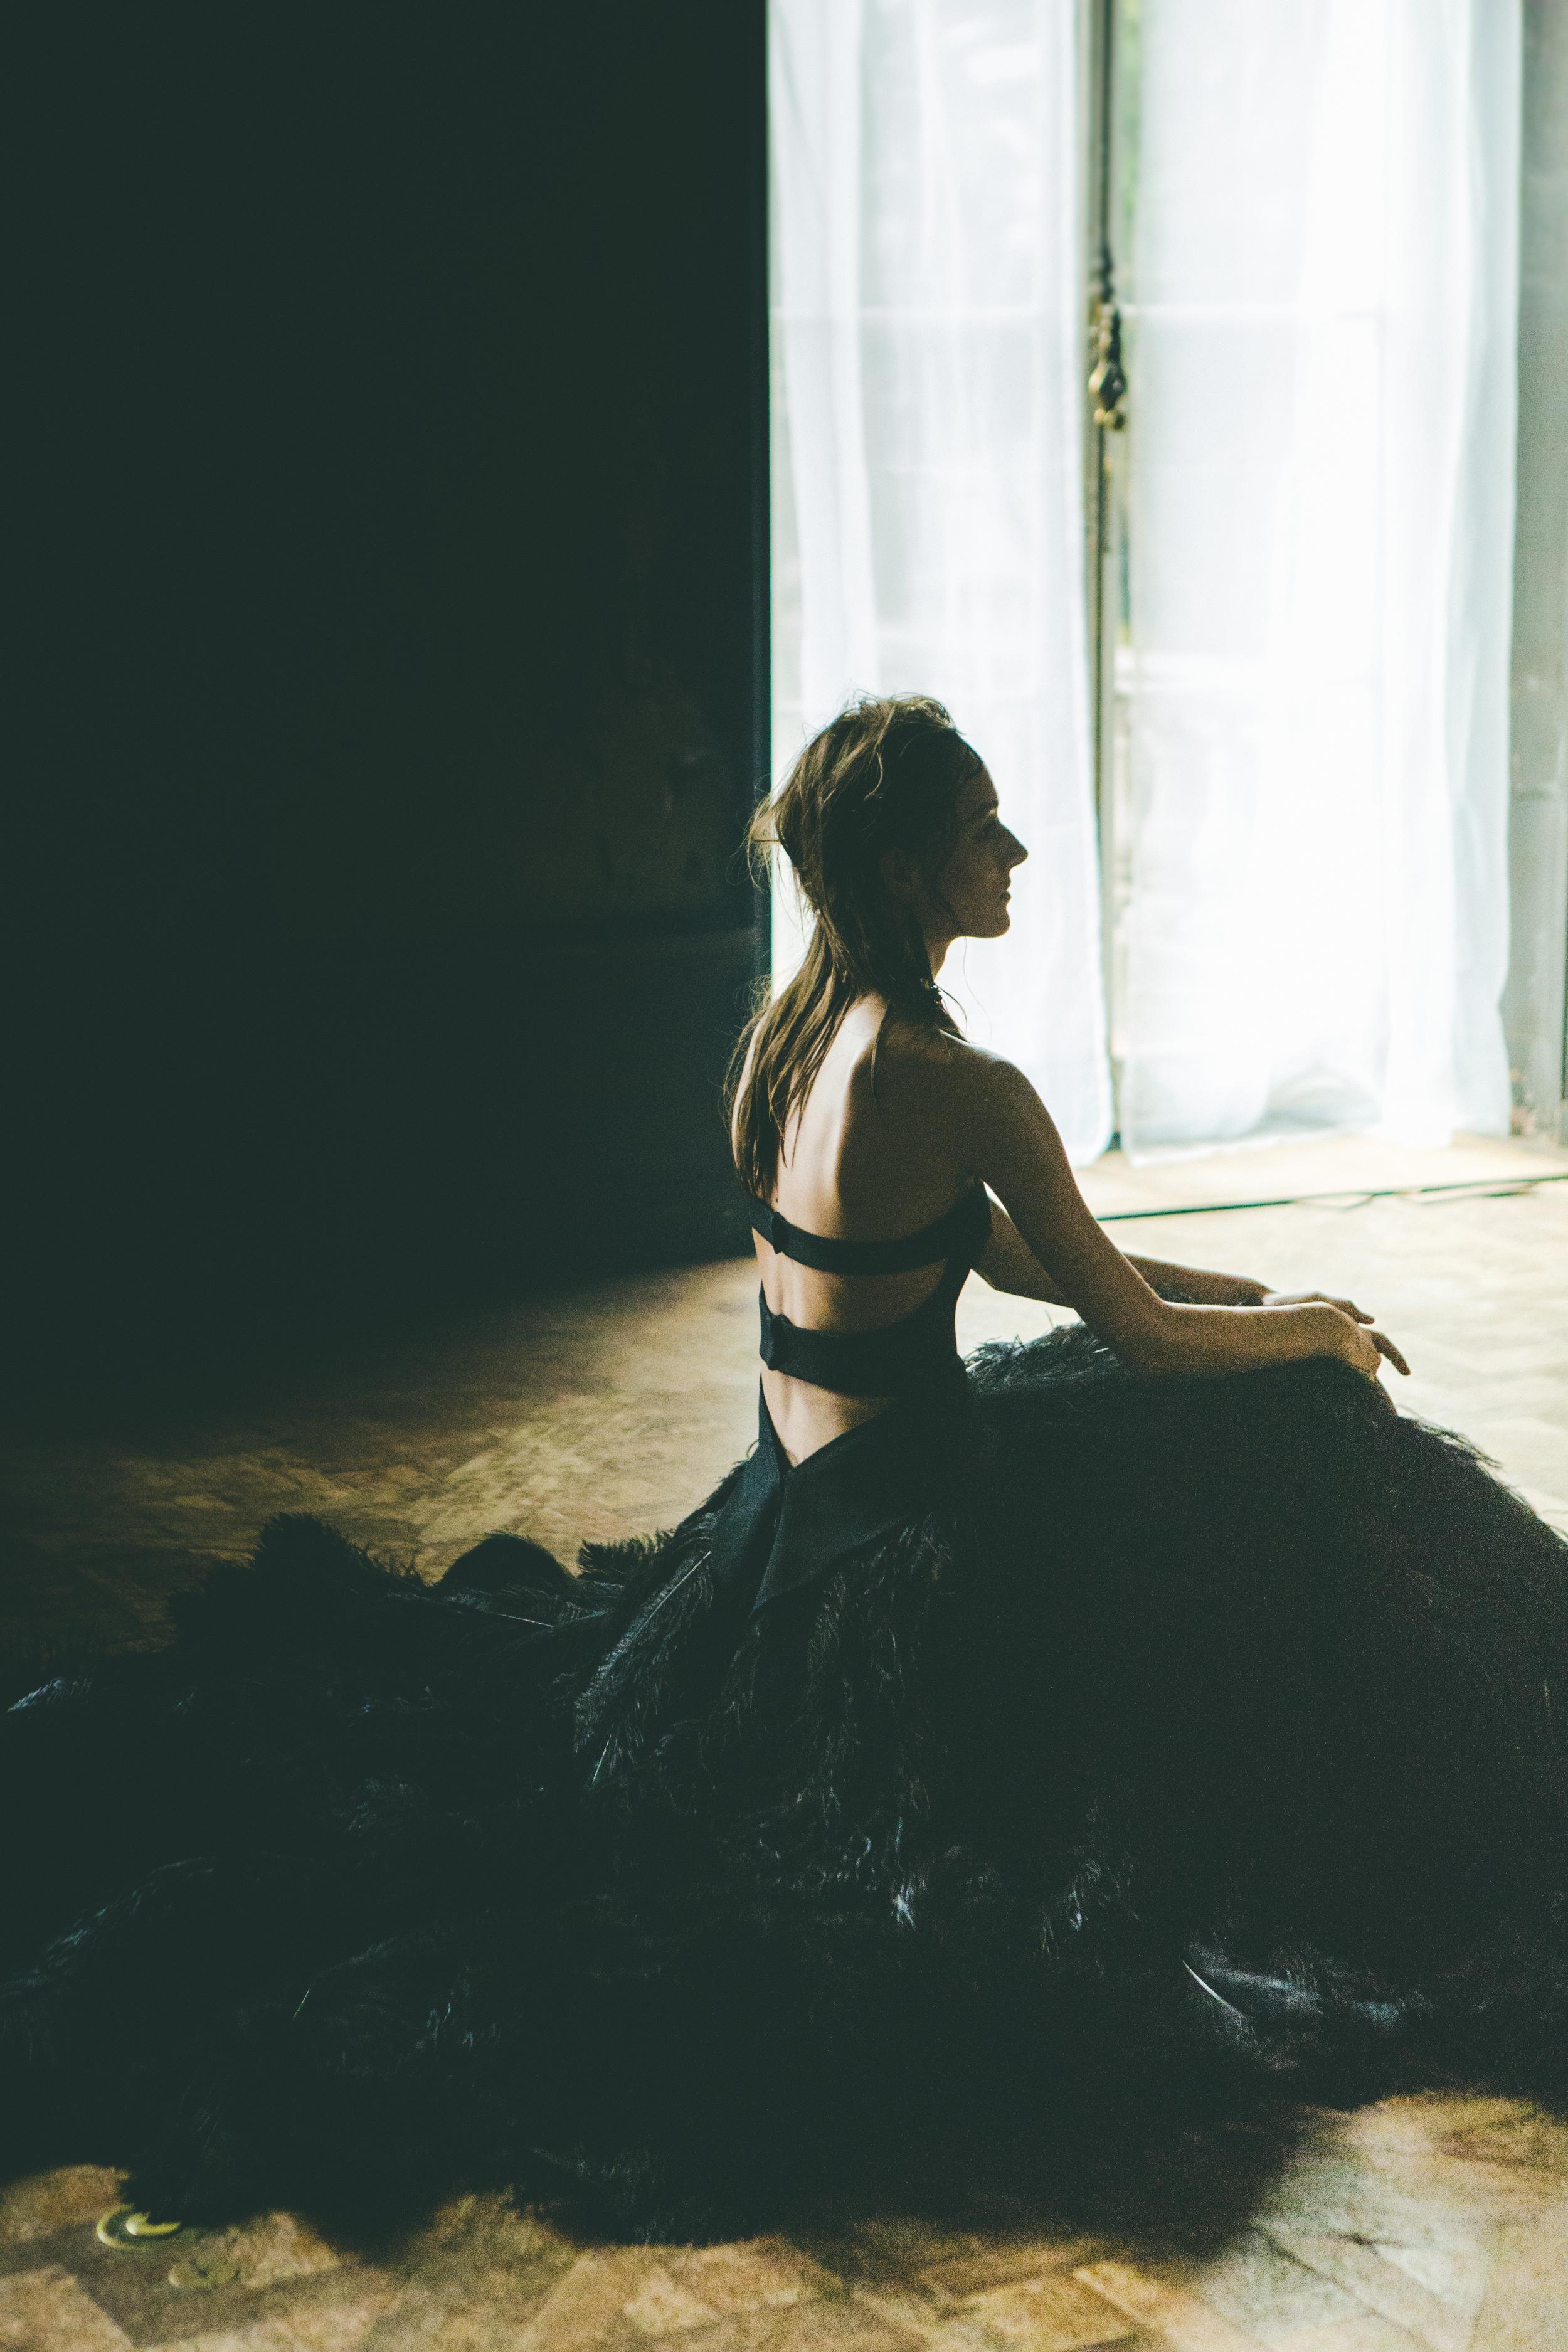 VERA_WANG_Video3_Flamenco_Marianna_Jamadi-8.jpg